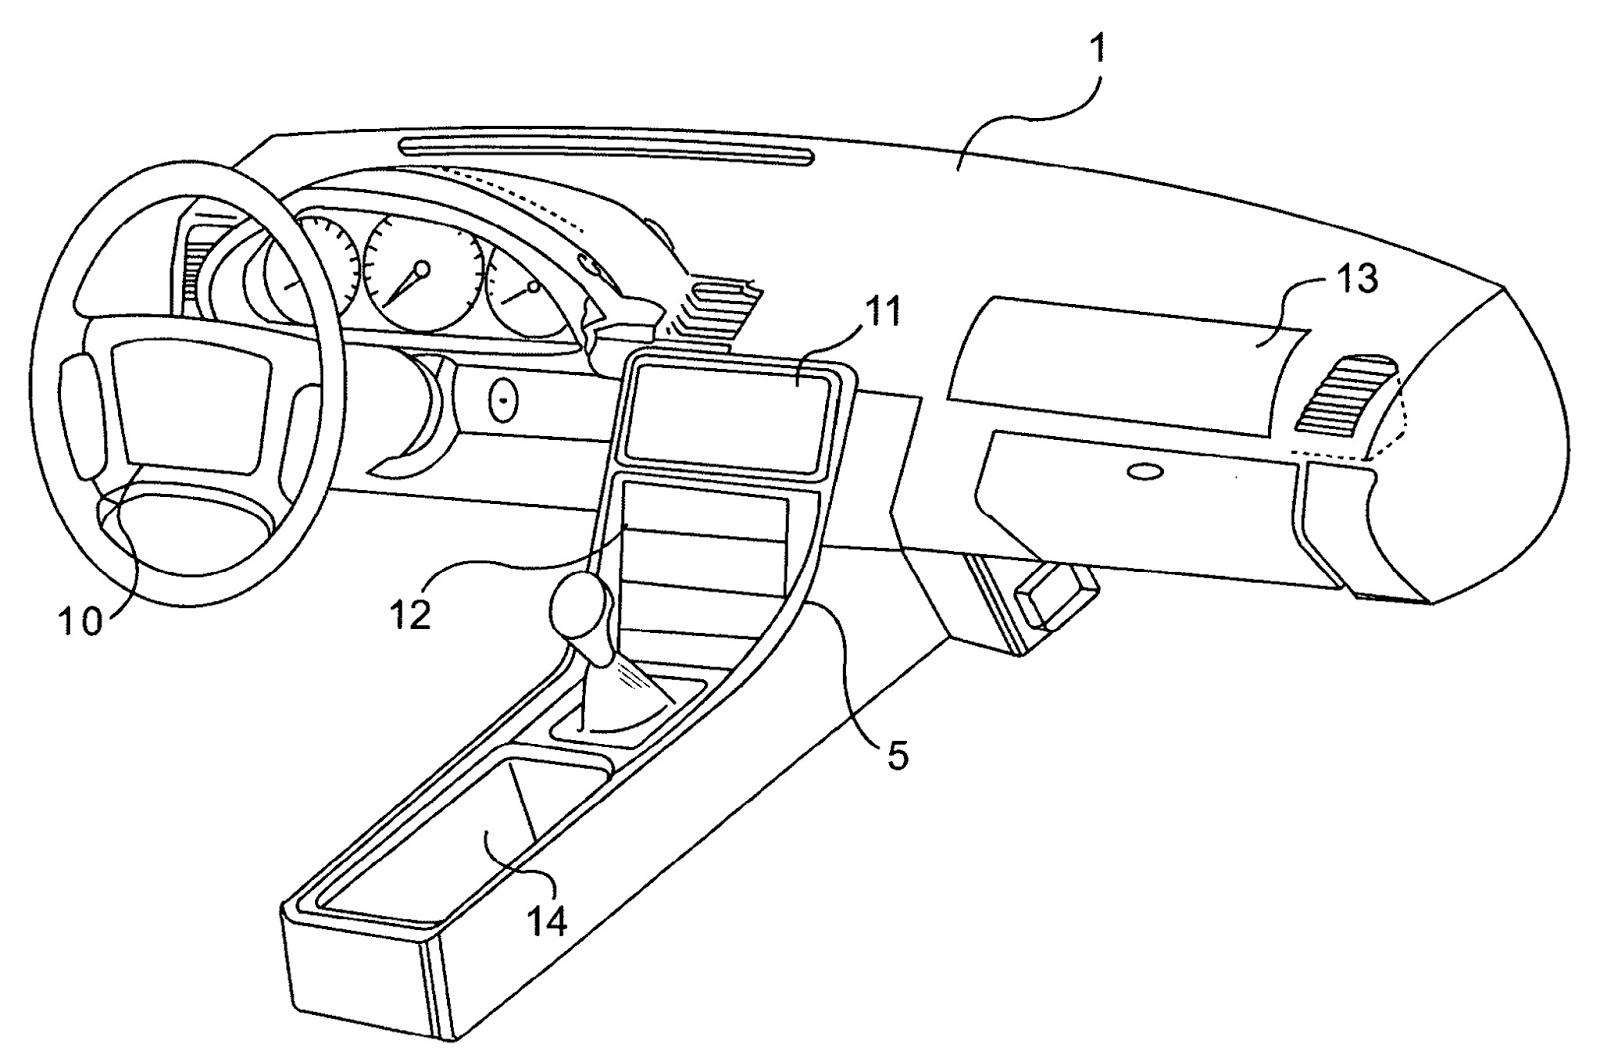 Apple Patenta Funciones Tactiles Que Haran A Los Vehiculos